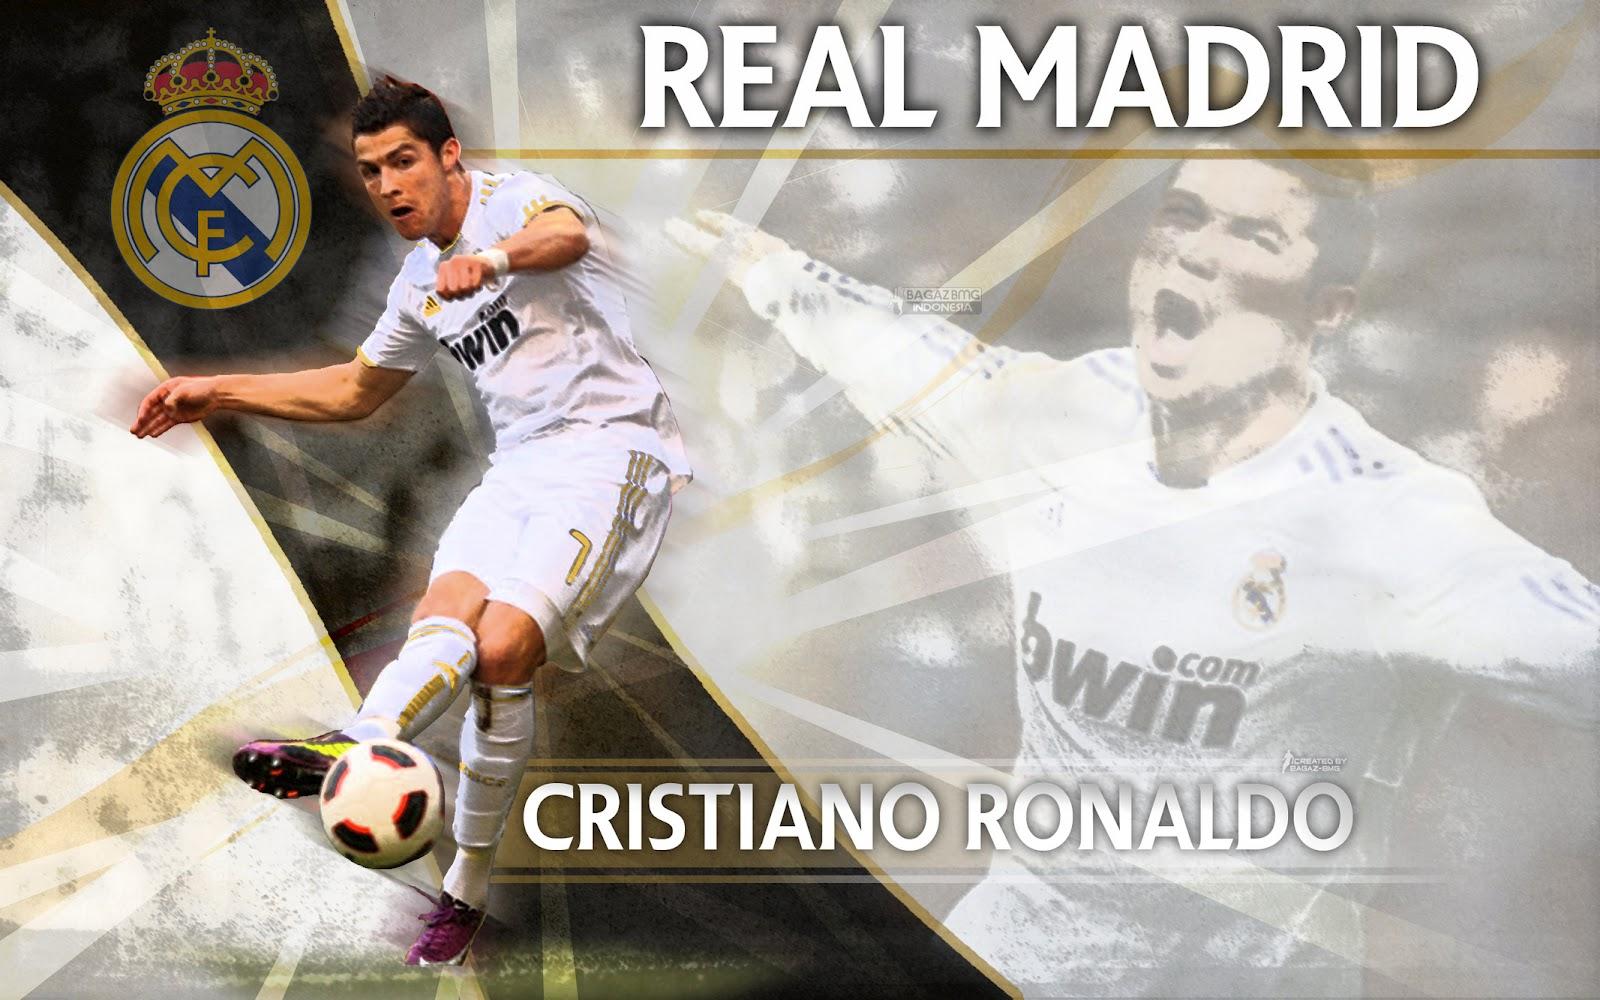 http://3.bp.blogspot.com/-eqTvYATGJK8/T4rDrc26deI/AAAAAAAAAO0/d3C93lOAew8/s1600/Ronaldo+Hd+Wallpaper+2012+-+CR7.jpg